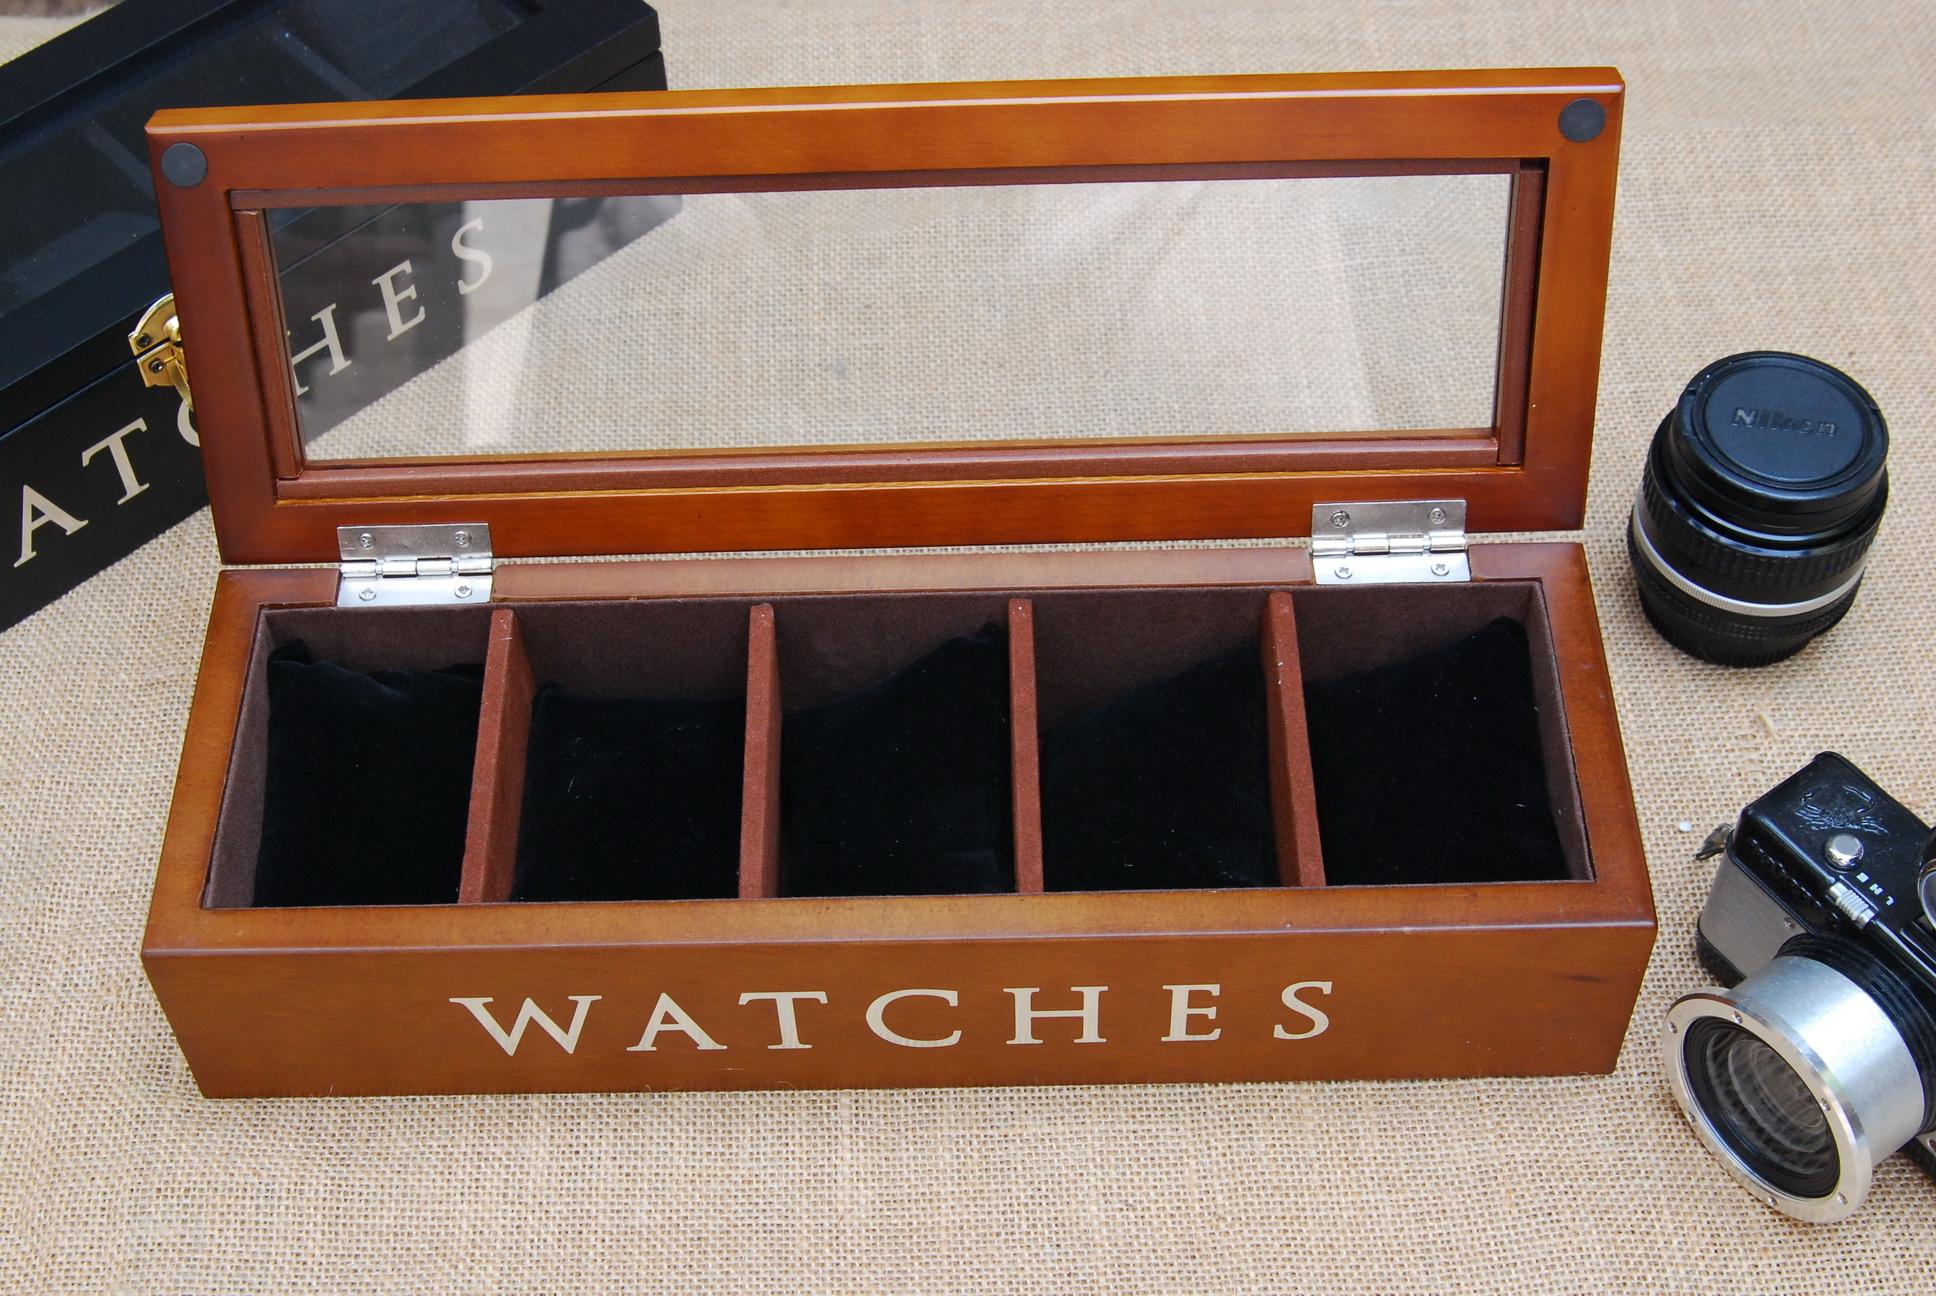 กล่องไม้เก็บนาฬิกา 5 เรือน สีน้ำตาล